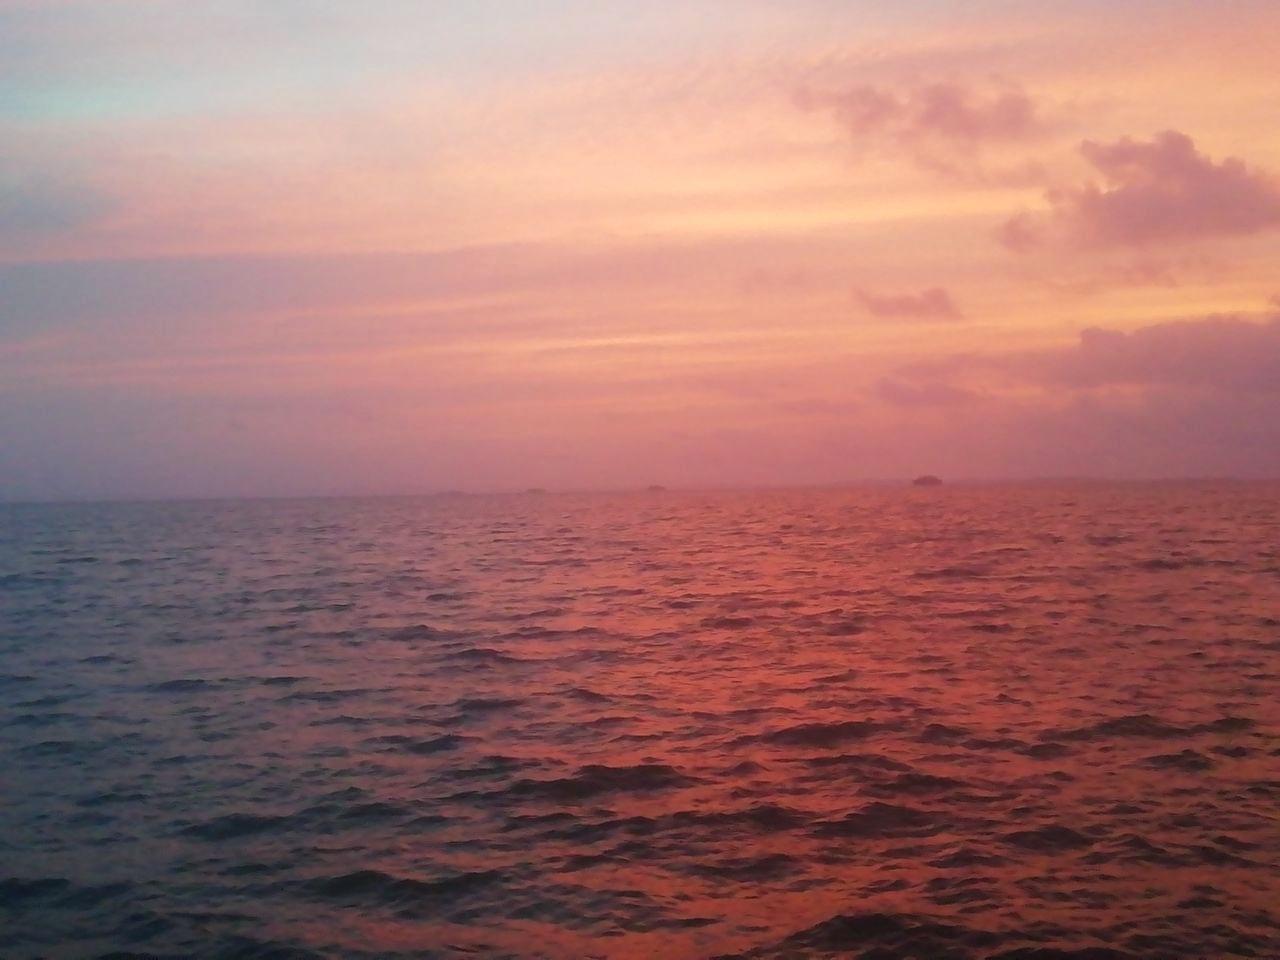 Si vas a visitar Panamá en 7 días, probablemente quieras añadir islas como San Blas a tu recorrido.